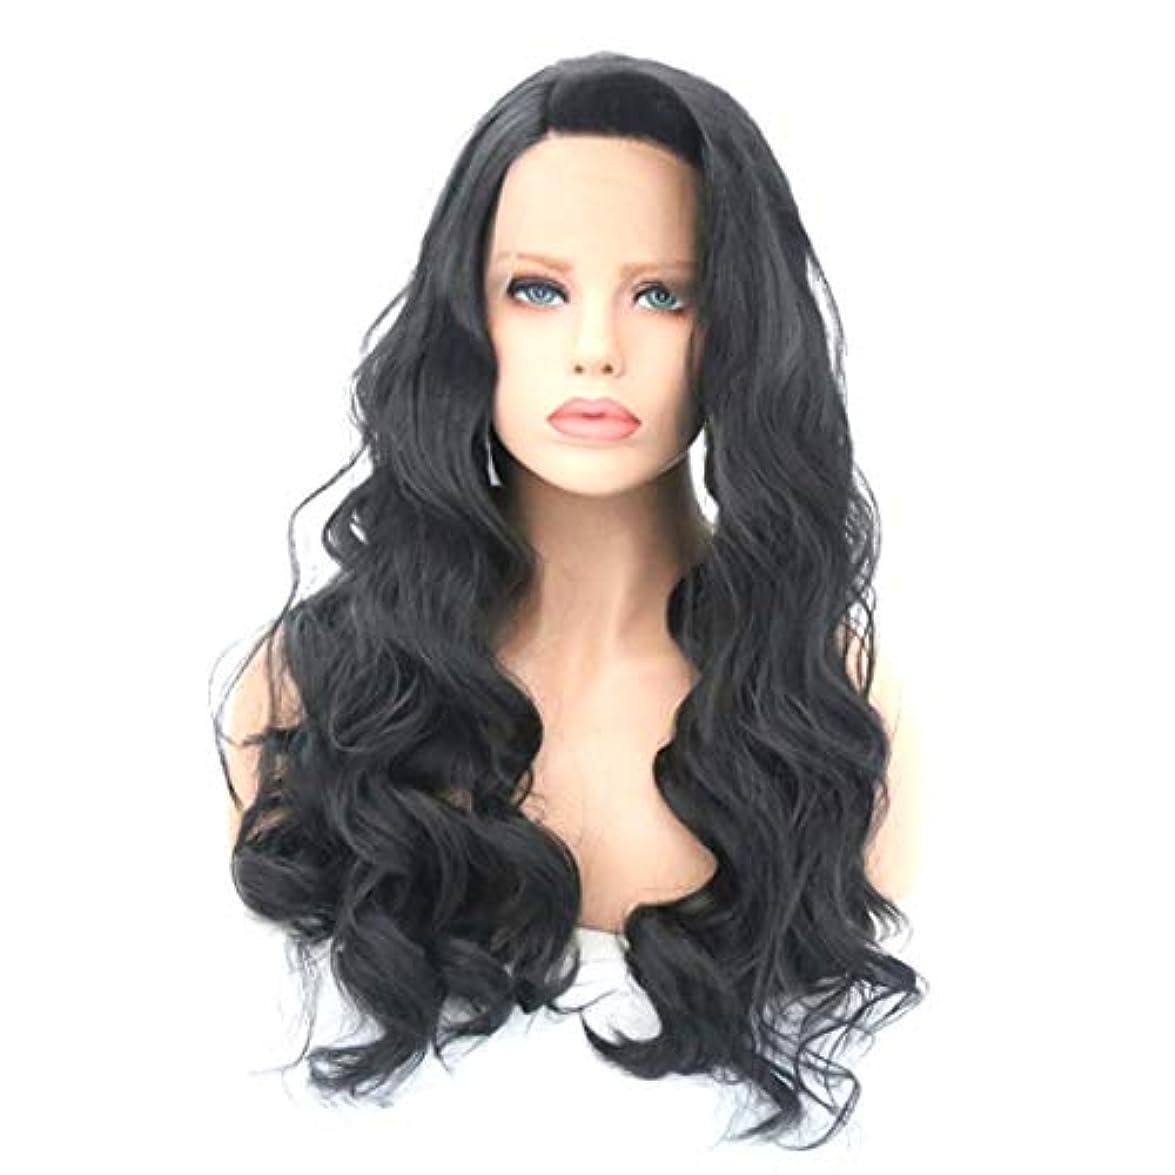 天のマークダウン自己尊重Kerwinner かつら女性のための大きな波状の巻き毛の耐熱性長い巻き毛のかつら (Size : 16 inches)